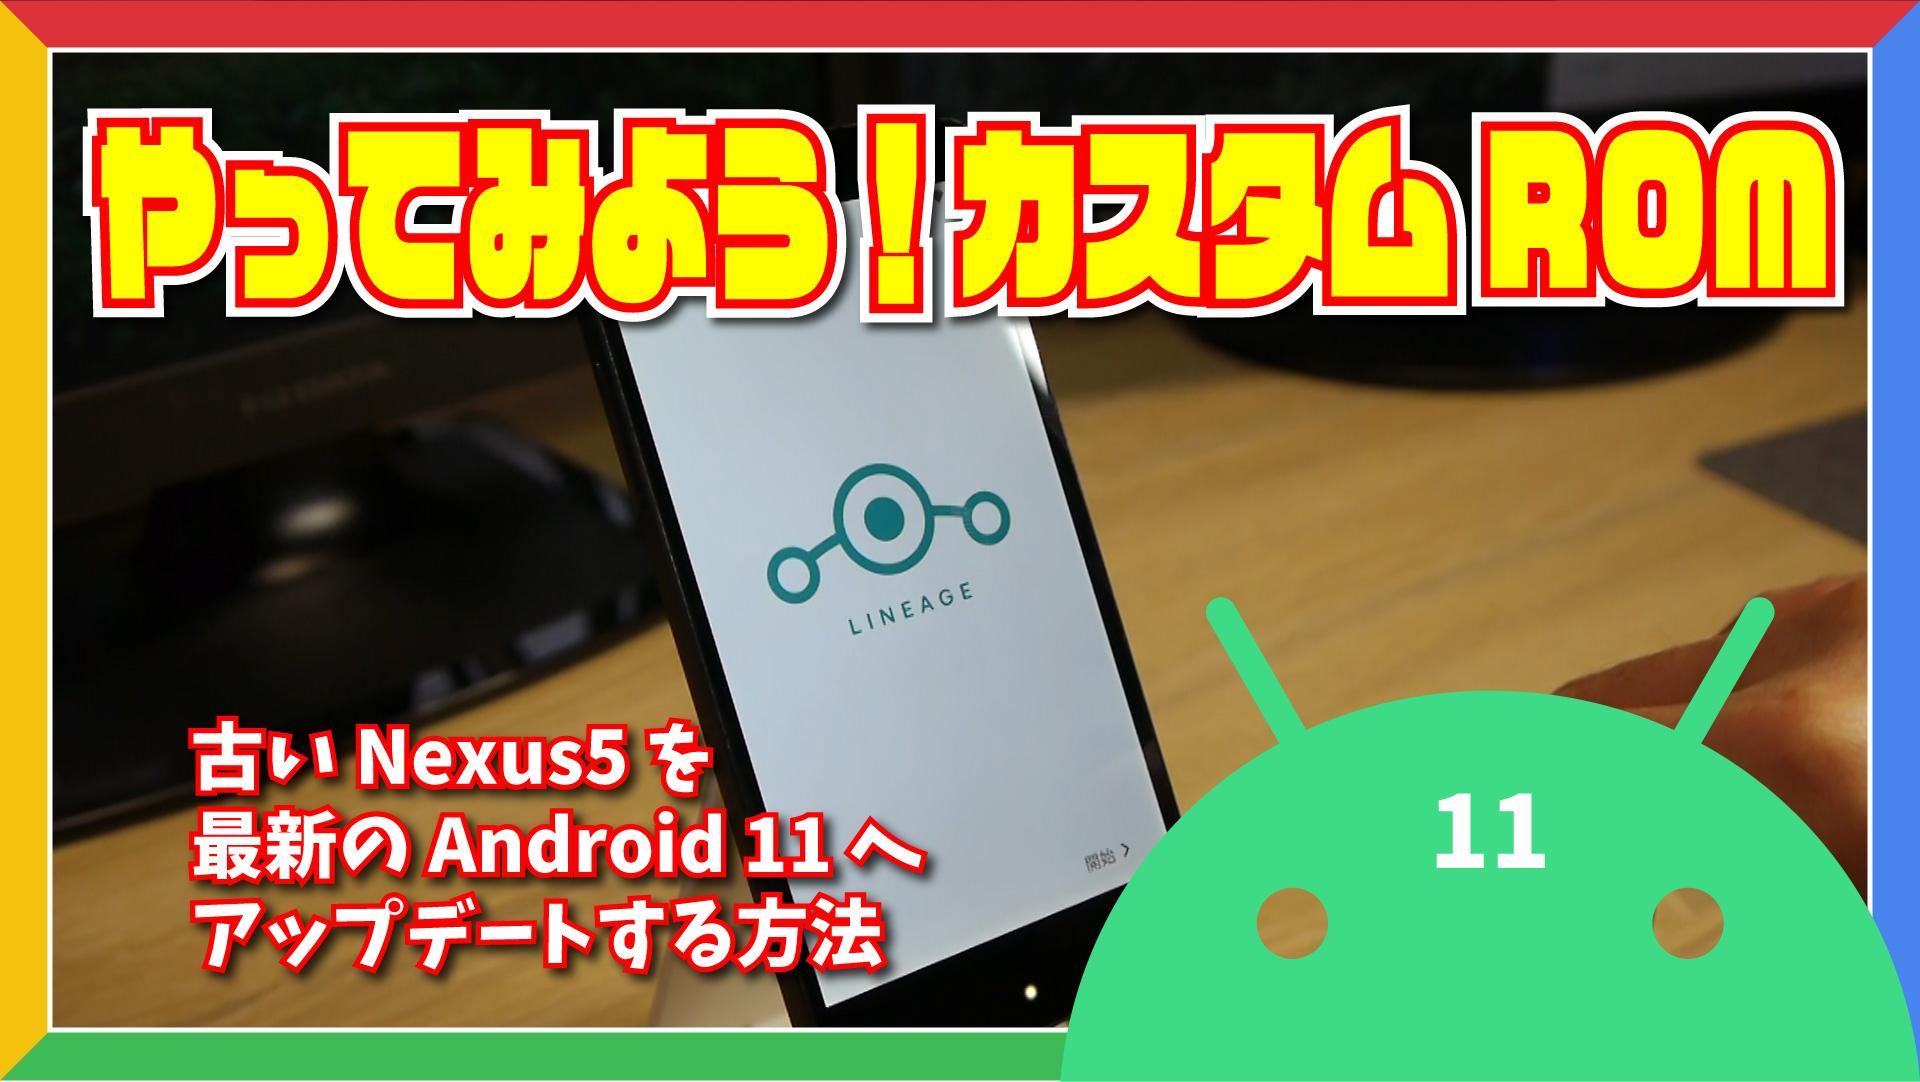 Nexus5 を最新の Android 11 へアップデートする方法